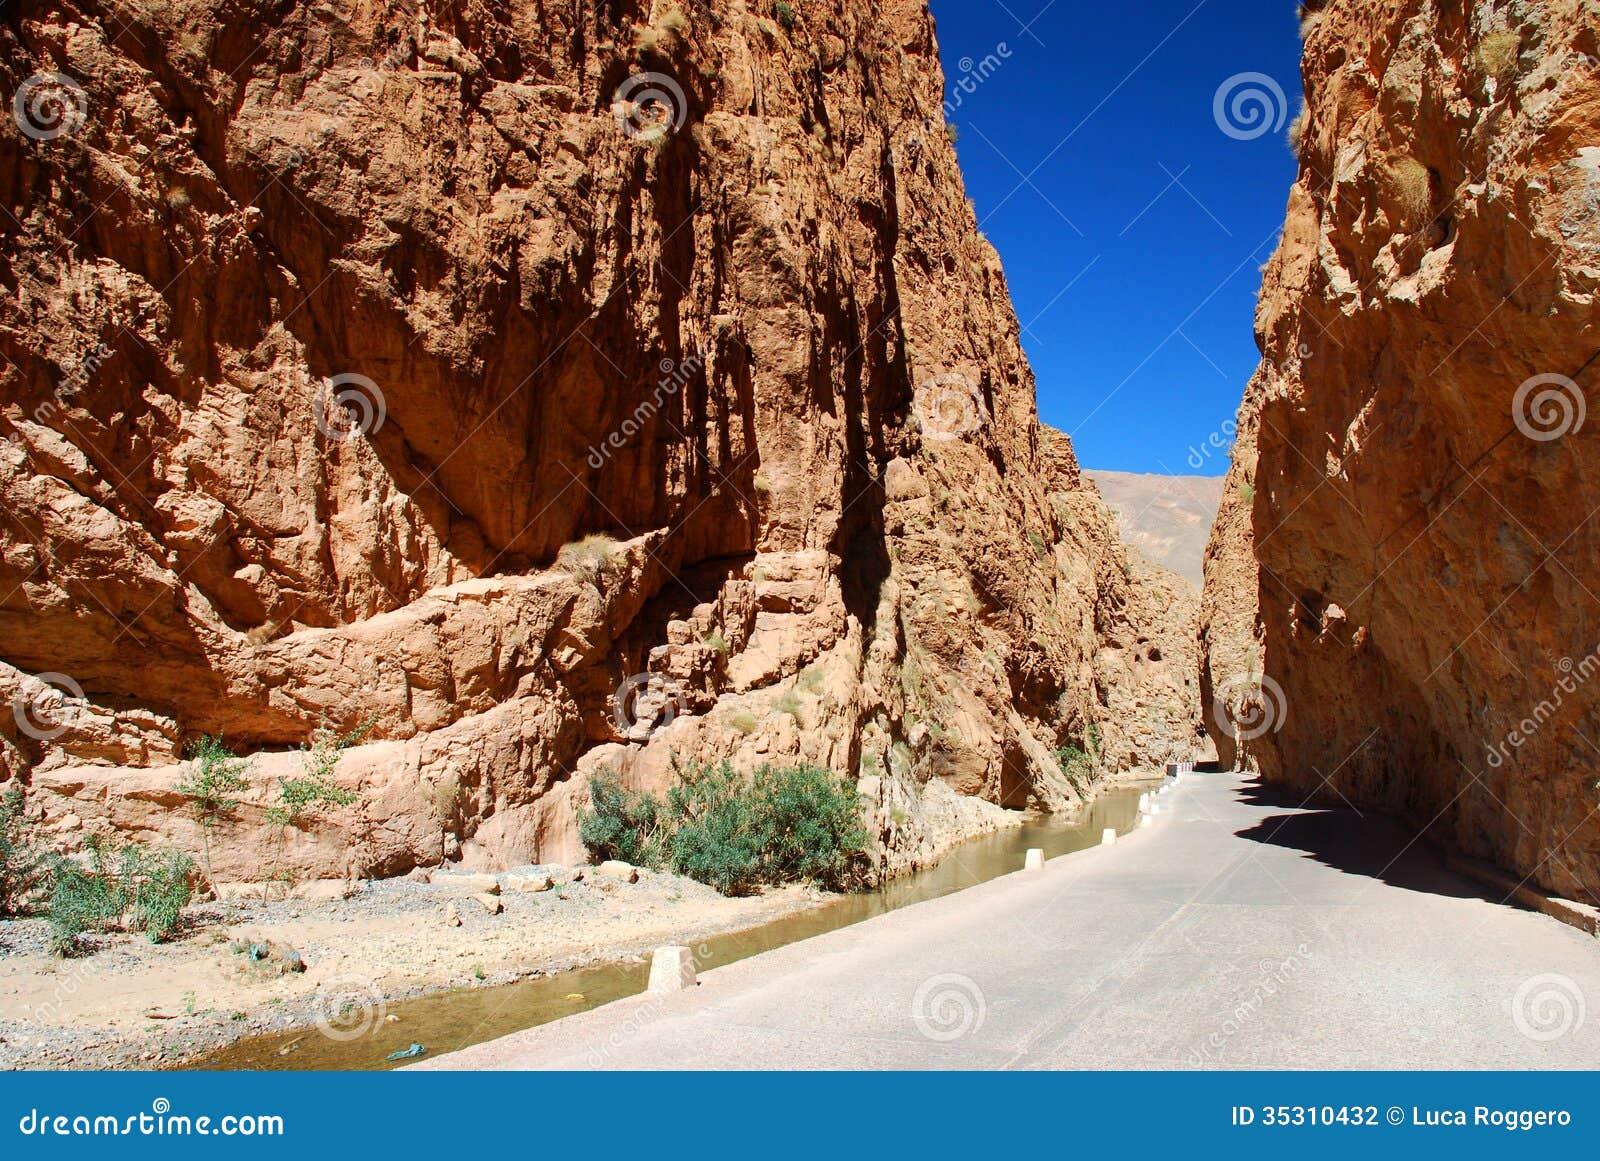 Gorges de Dadès. Maroc